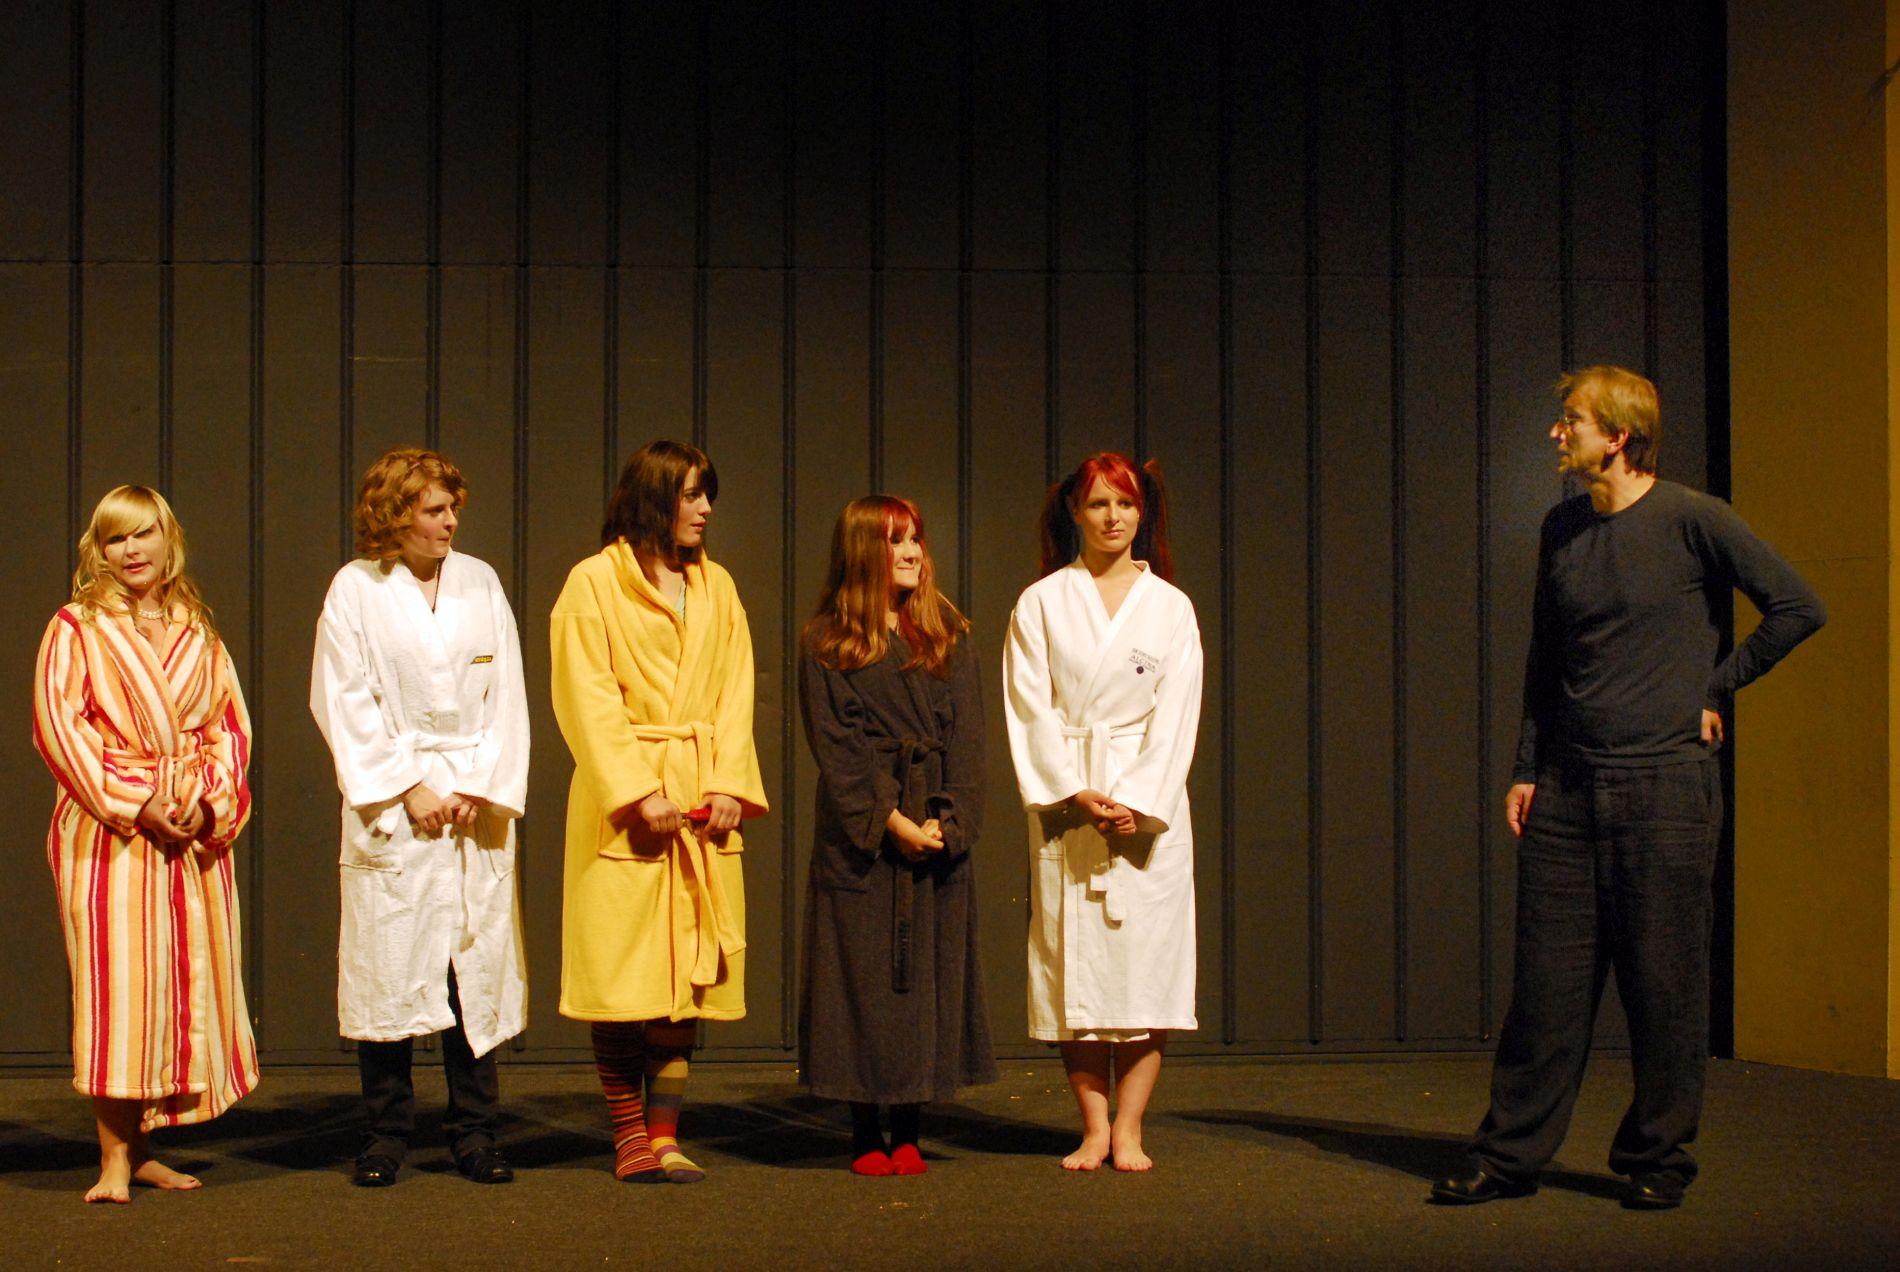 RB_012_XVII_TH_2008_castingshow_005_foto_karsten_schaarschmidt.jpg